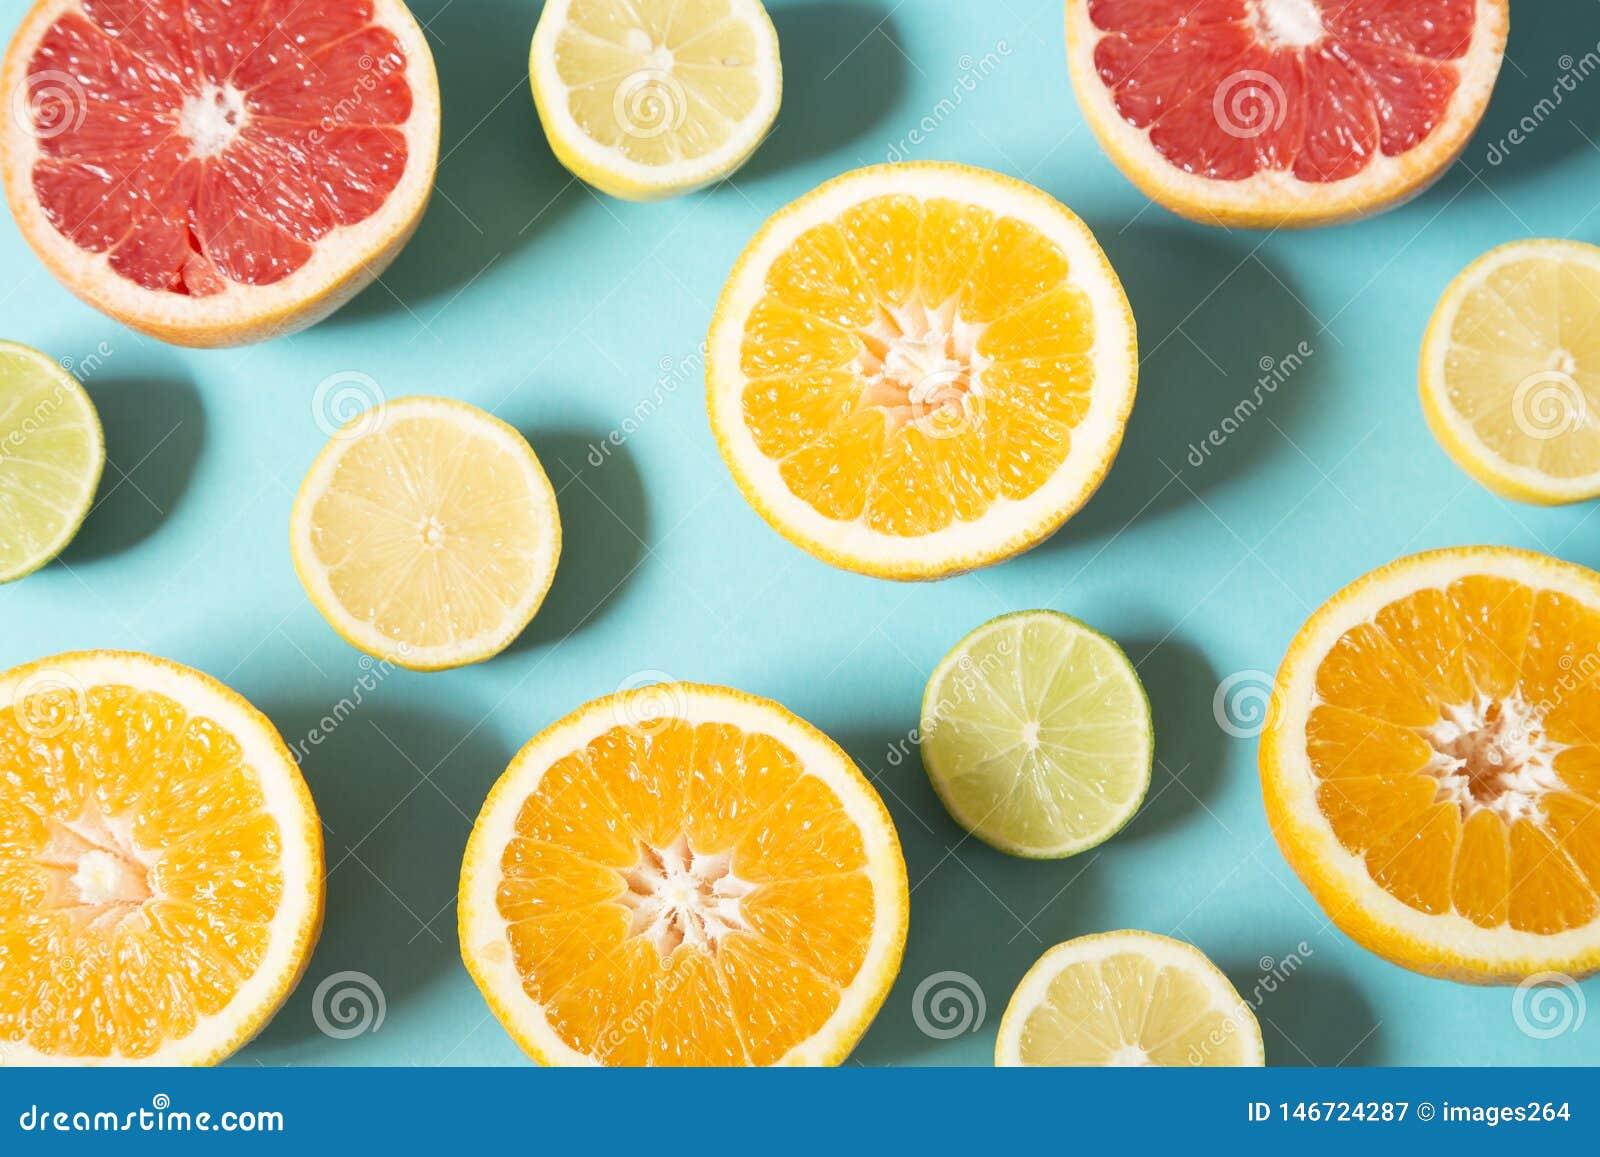 Kolorowe wyci?gni?te r?ce cytryny pomara?czowe o??wki jeszcze ?ycia